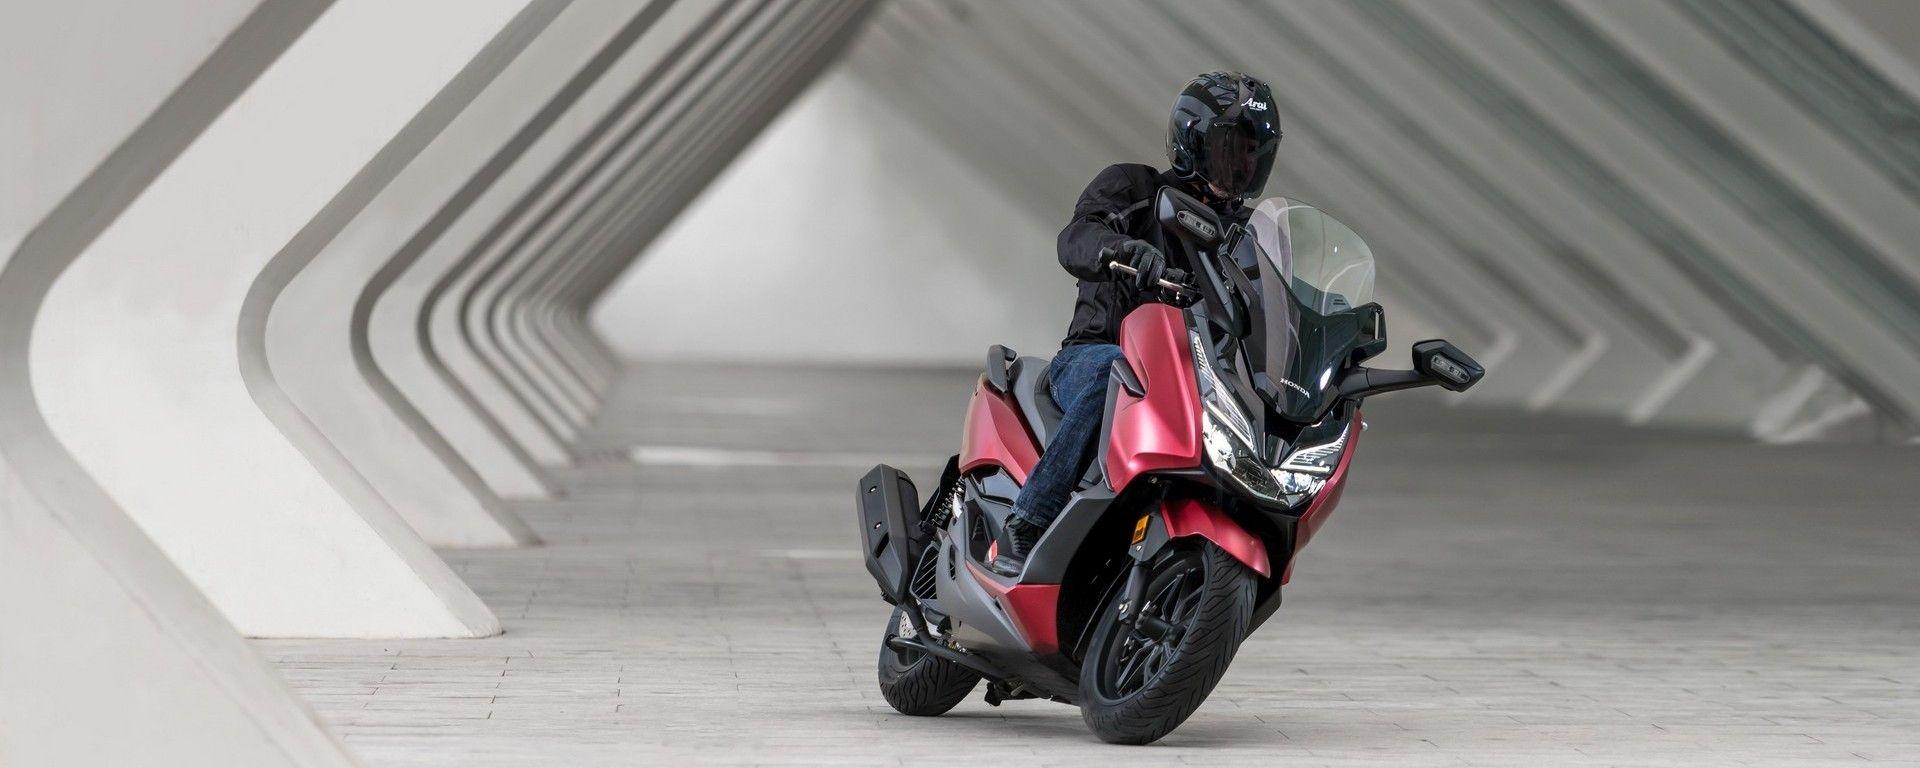 Nuovo Honda Forza 125